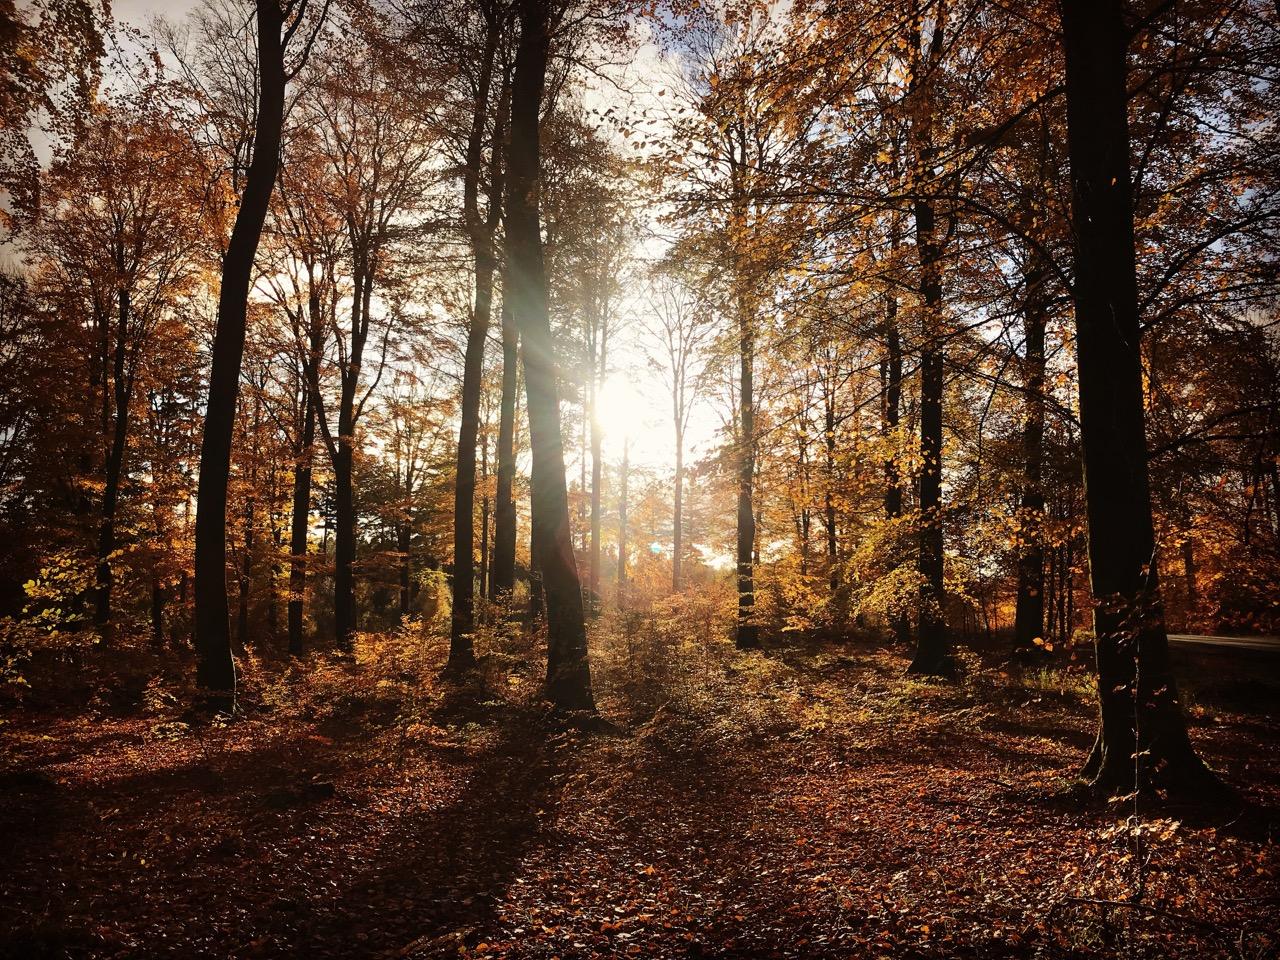 Lokal skov i novemberlys.